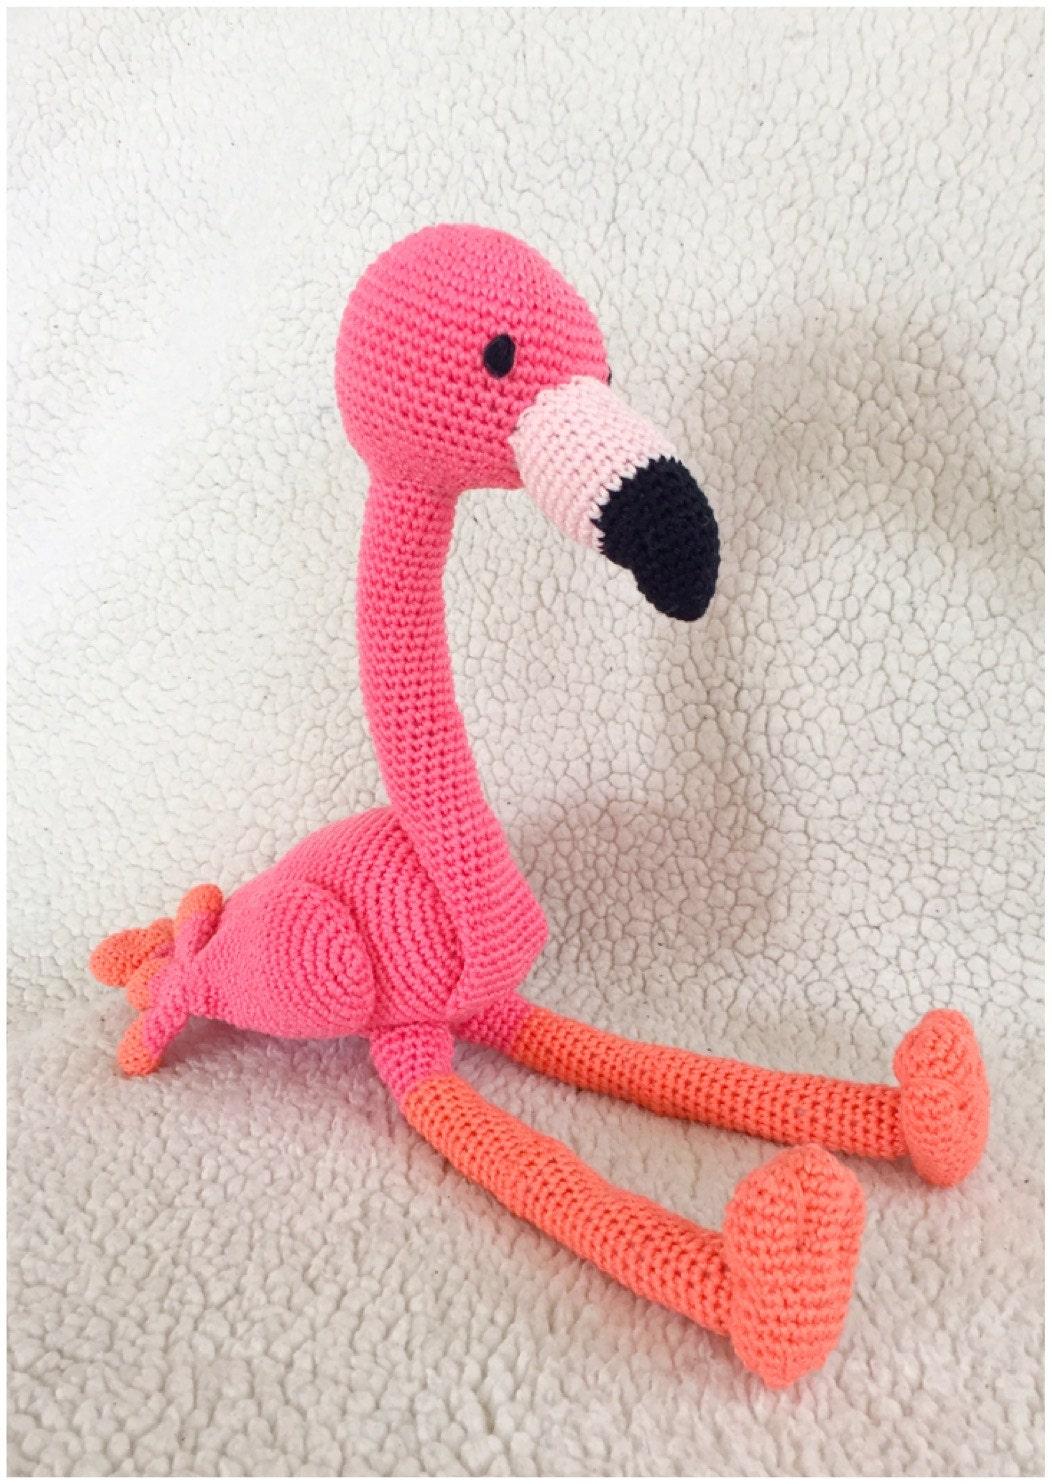 Flamingo amigurumi pattern tutorail crochet pattern pdf ...